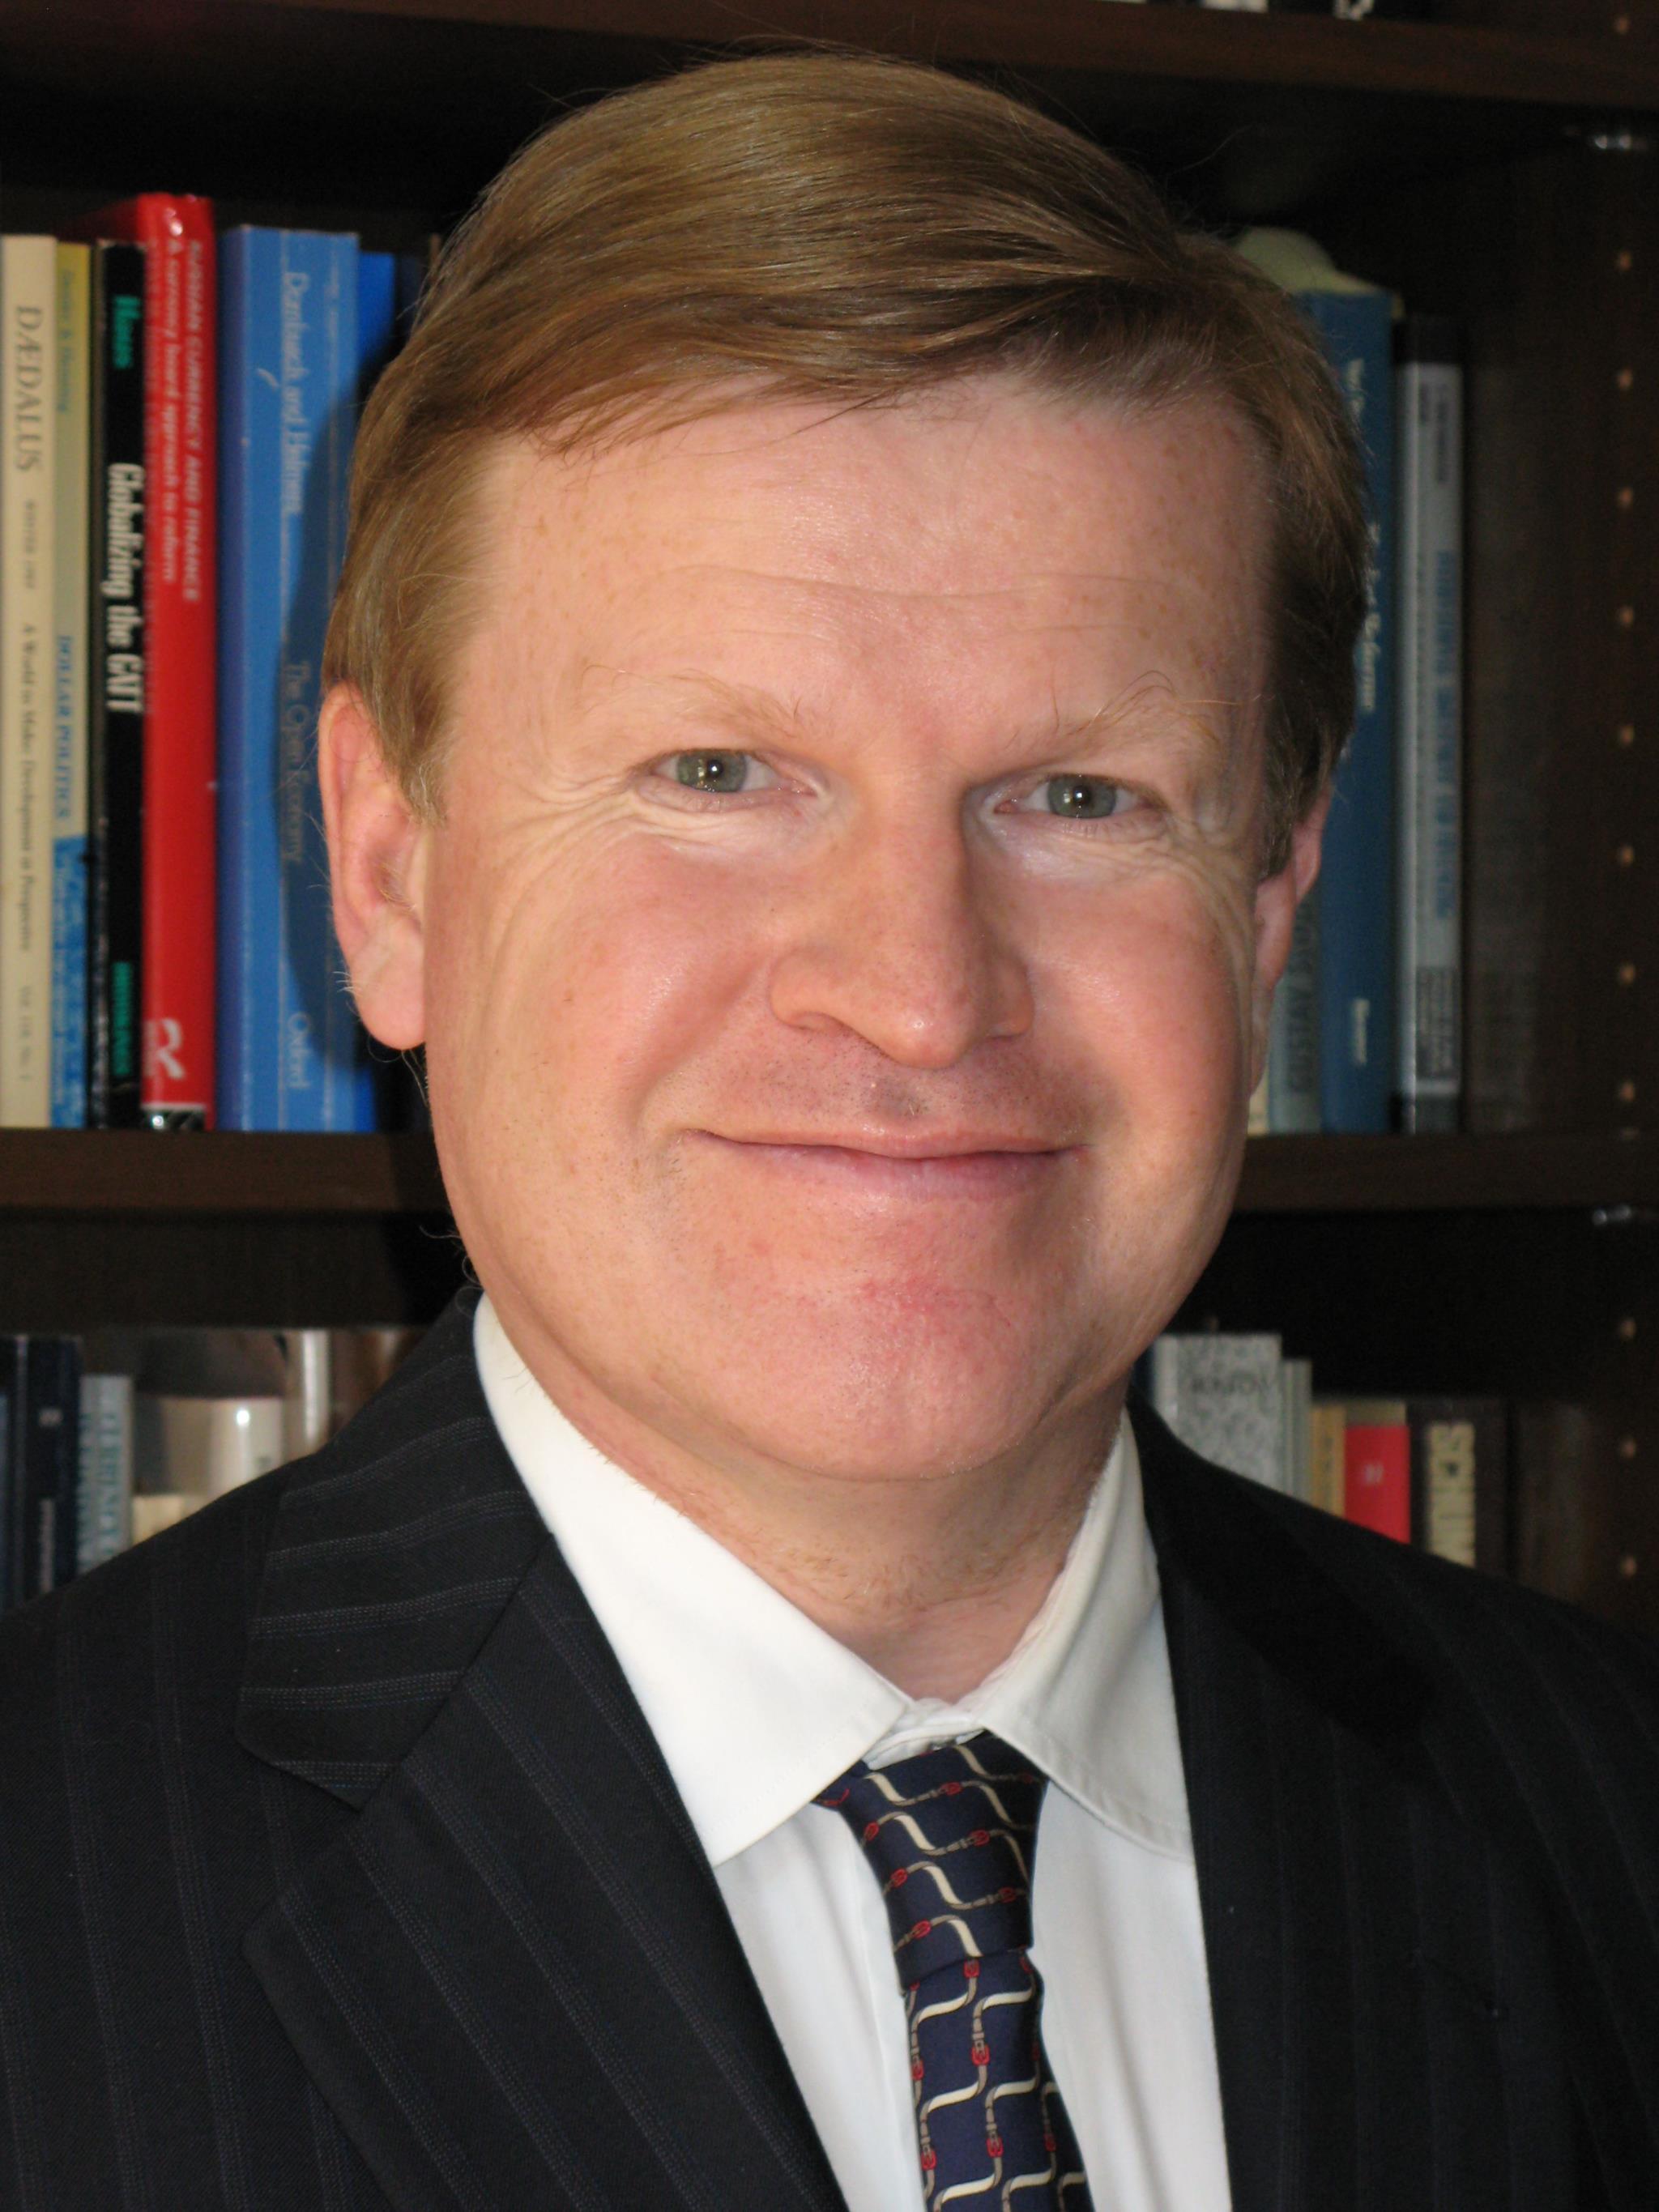 Harold James, professor na Universidade de Princeton, é autor de vários livros e colaborador do Project Syndicate